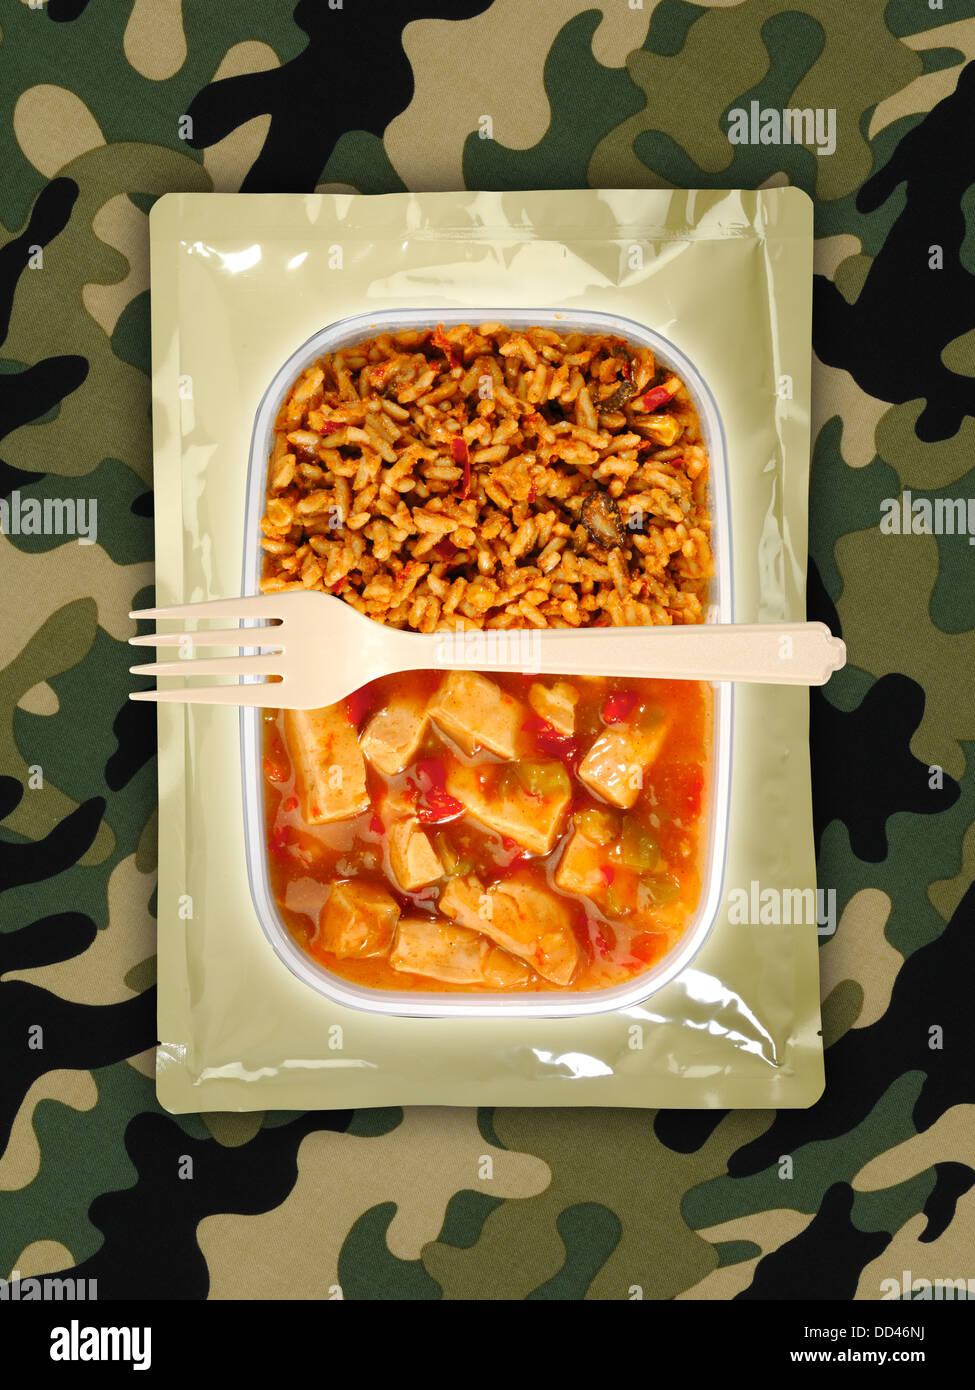 Des rations alimentaires militaires ou MRE repas prêt à manger sur un fond camouflé. Ouvrir les paquets Photo Stock